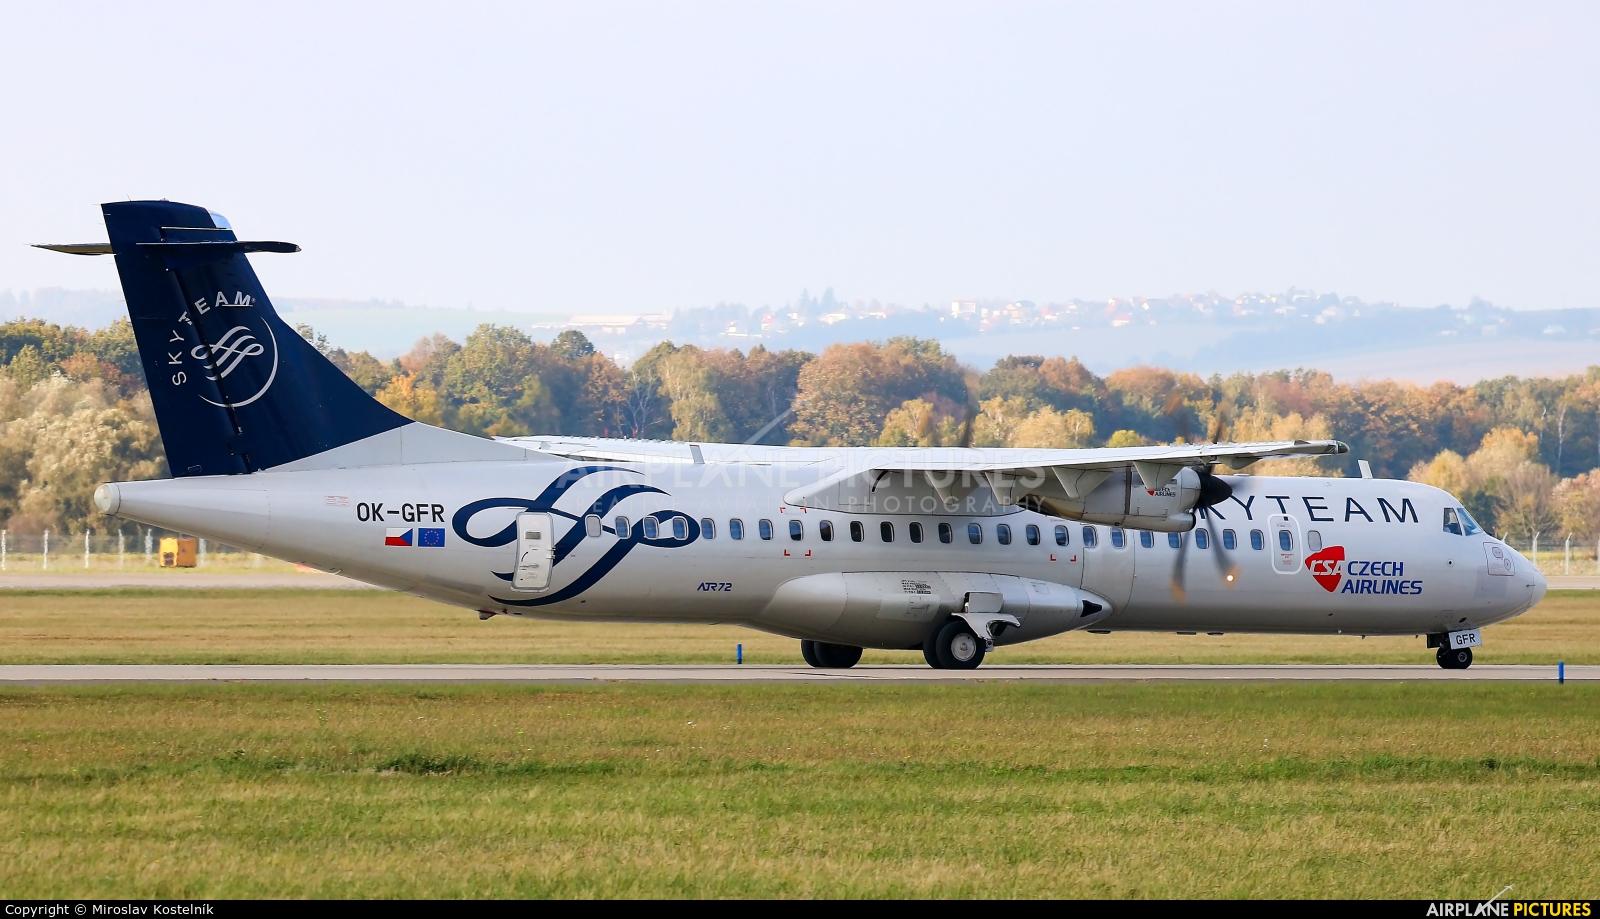 CSA - Czech Airlines OK-GFR aircraft at Ostrava Mošnov